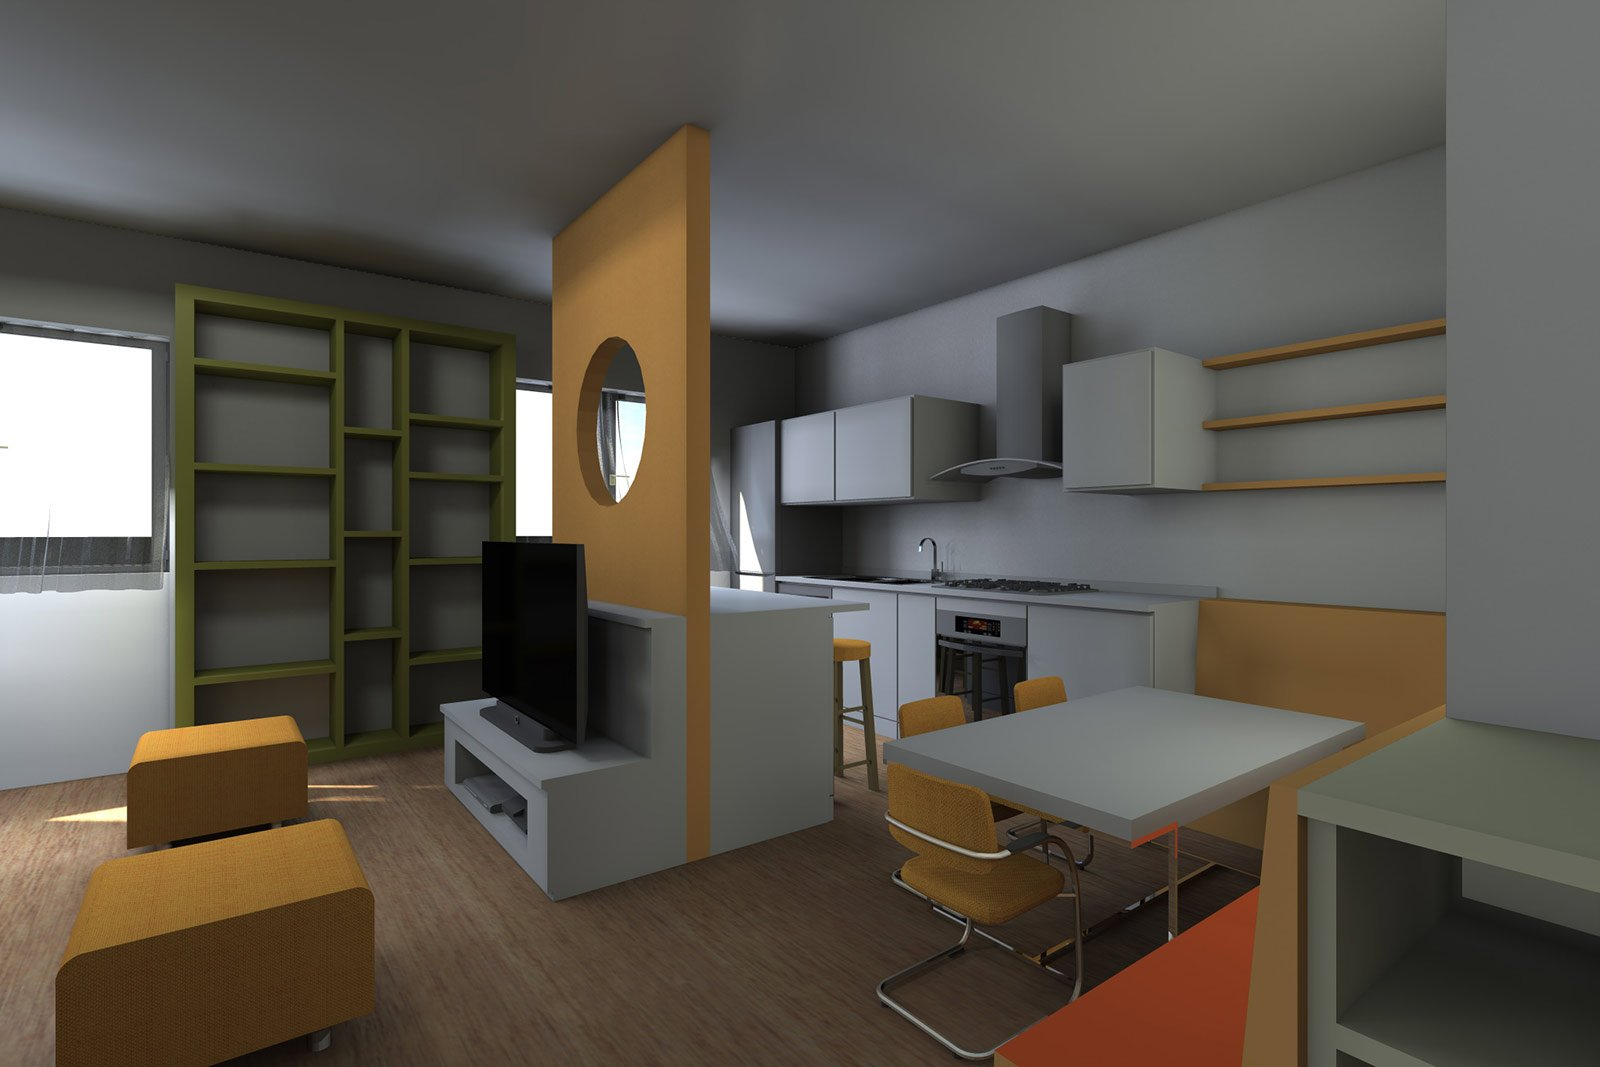 Cucina Soggiorno Piccola: Idee arredo cucina soggiorno ...